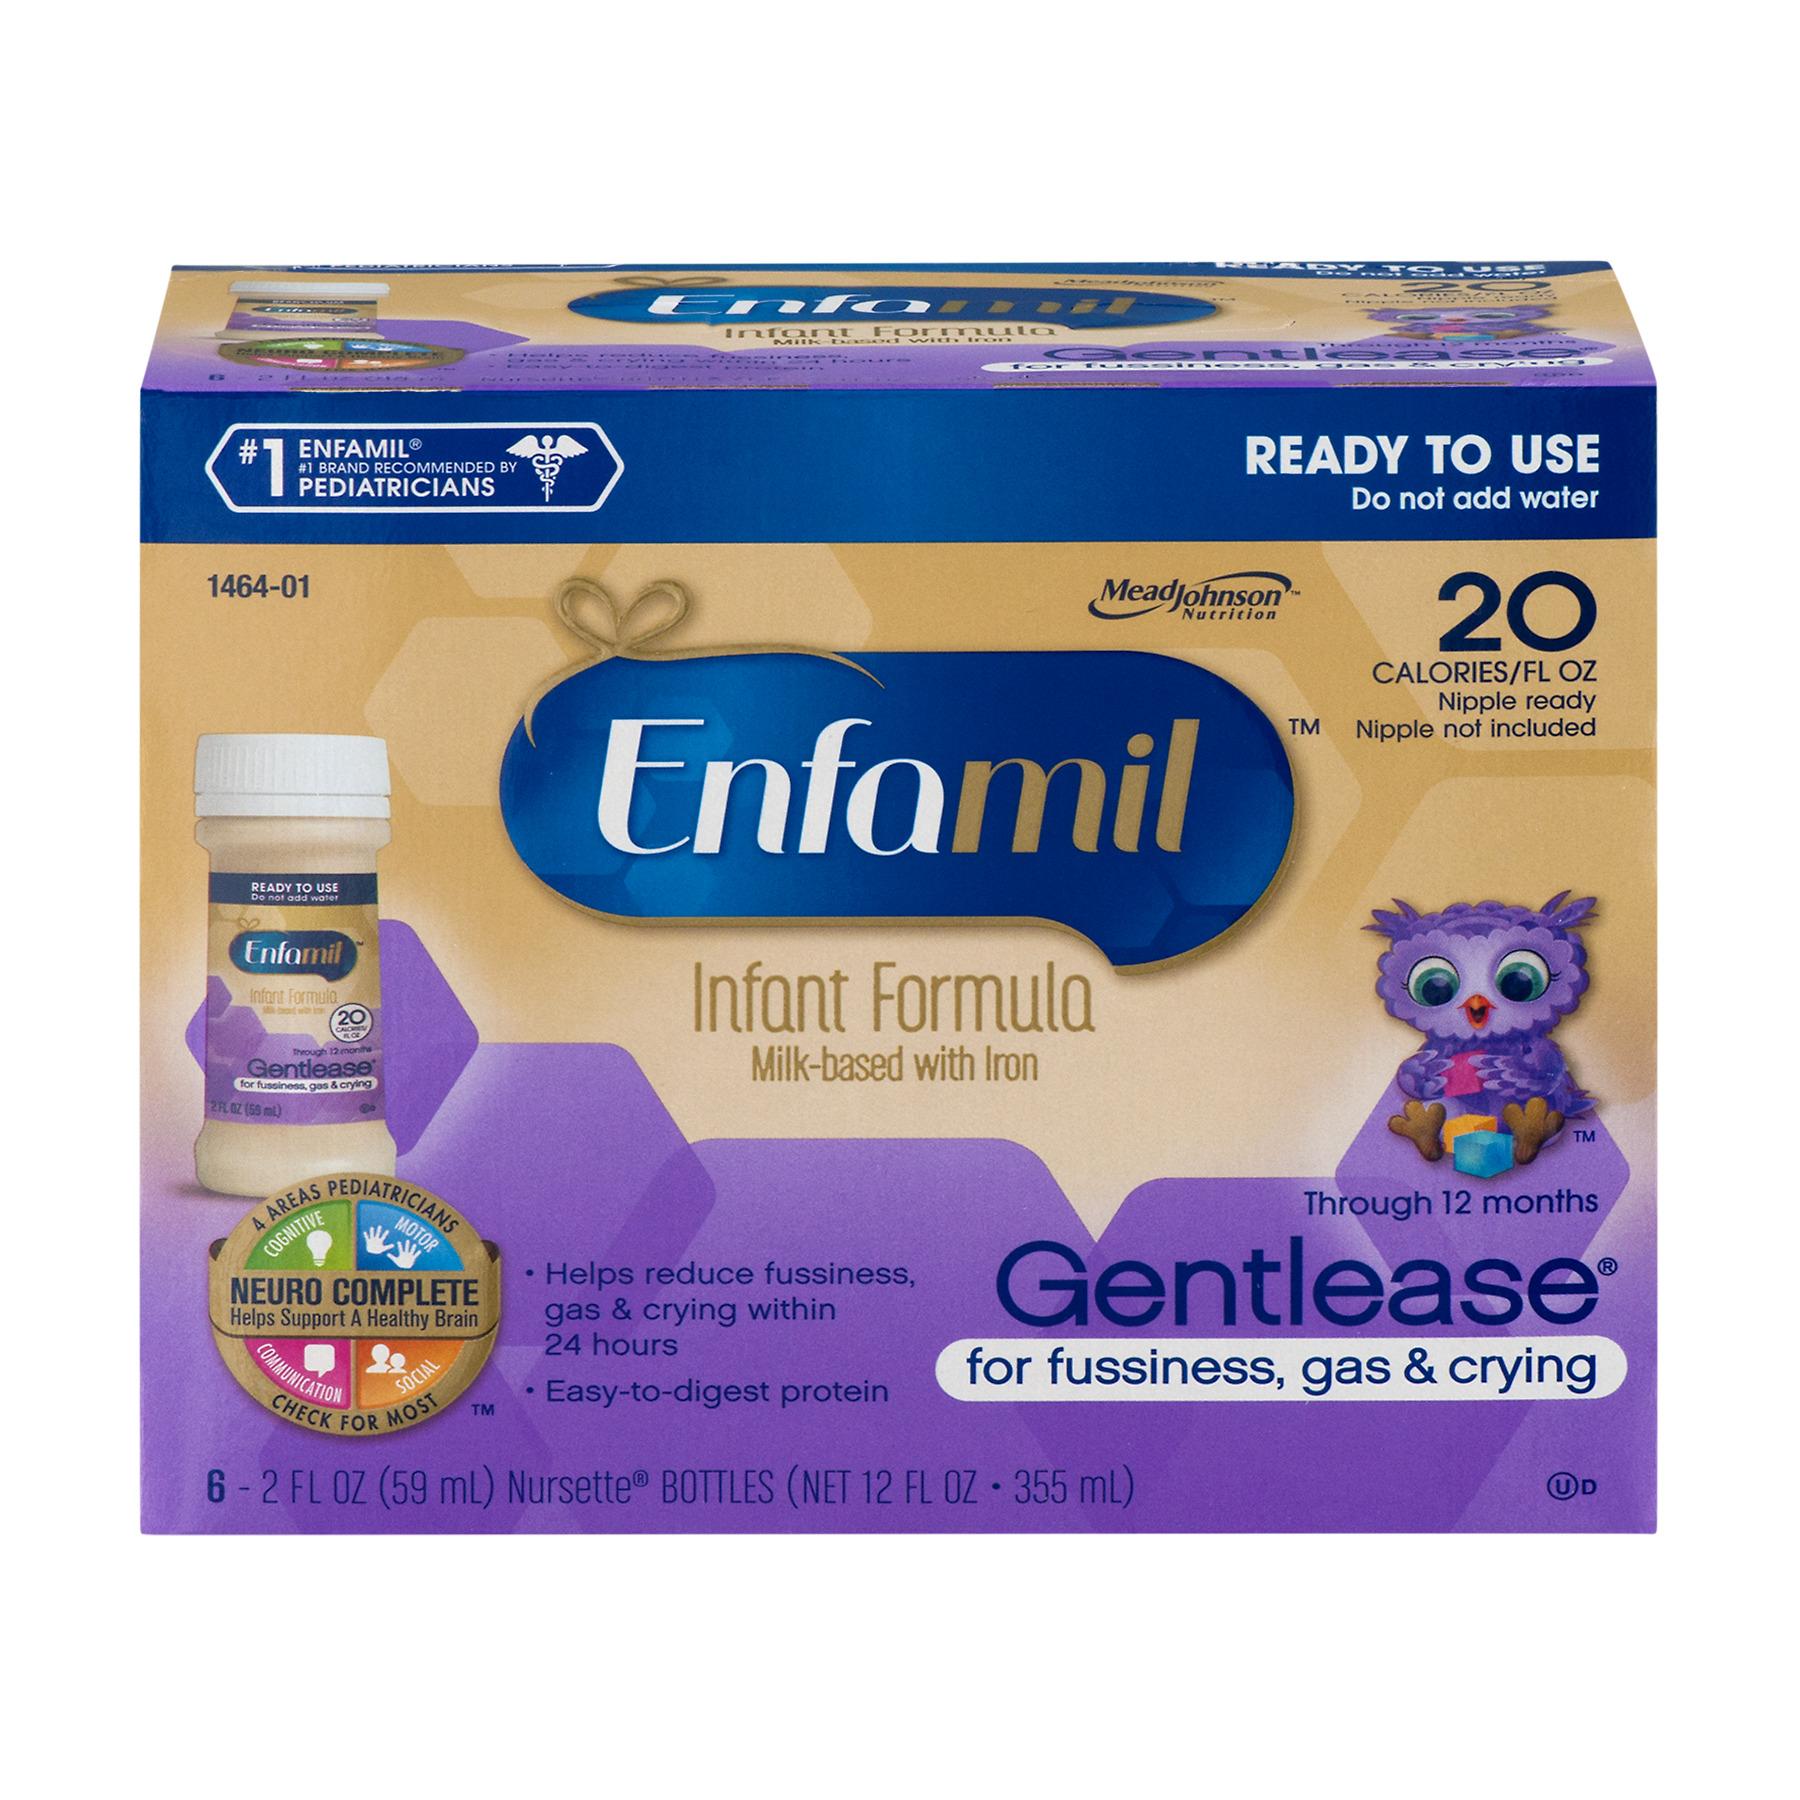 Enfamil Infant Formula Gentlease Nursette Bottles - 6 CT 2.0 FL OZ